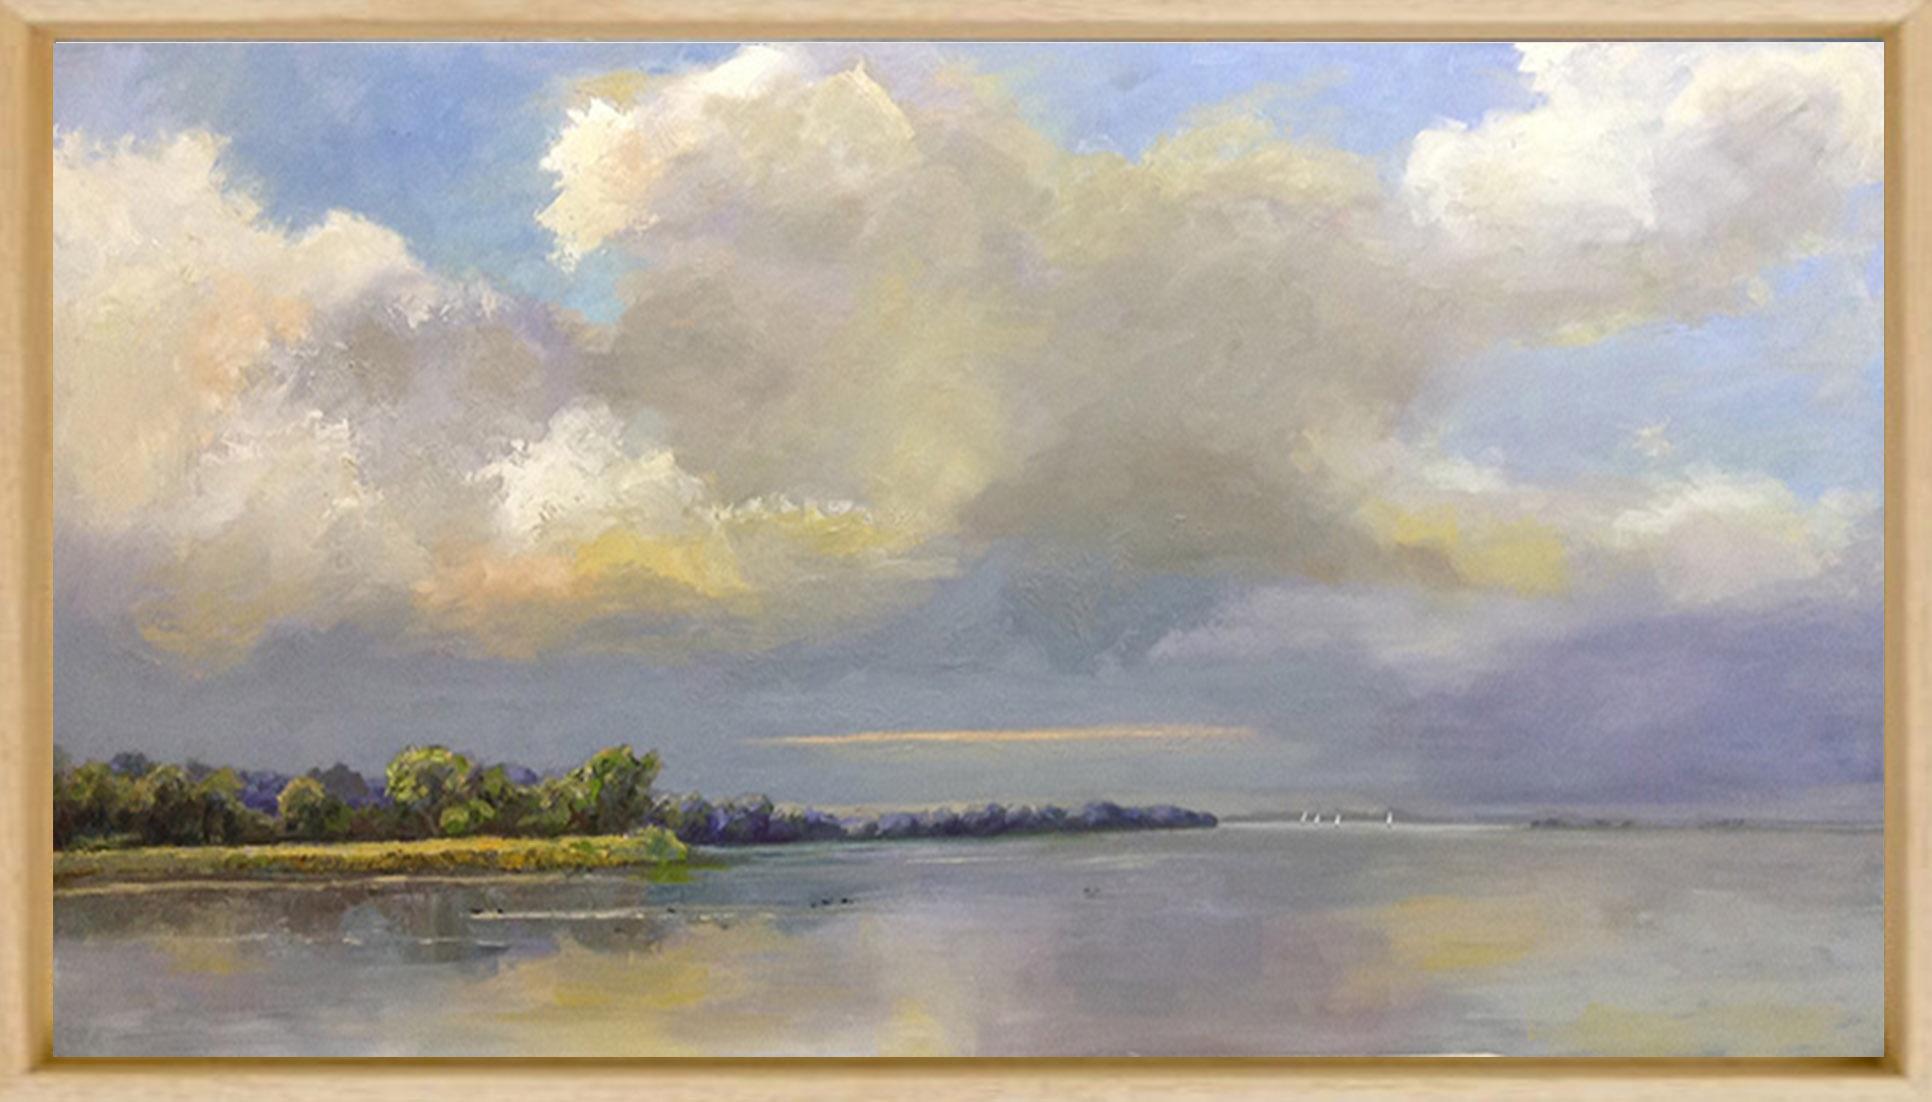 17LS013-IJsselmeer Muiderberg-60×120 blank